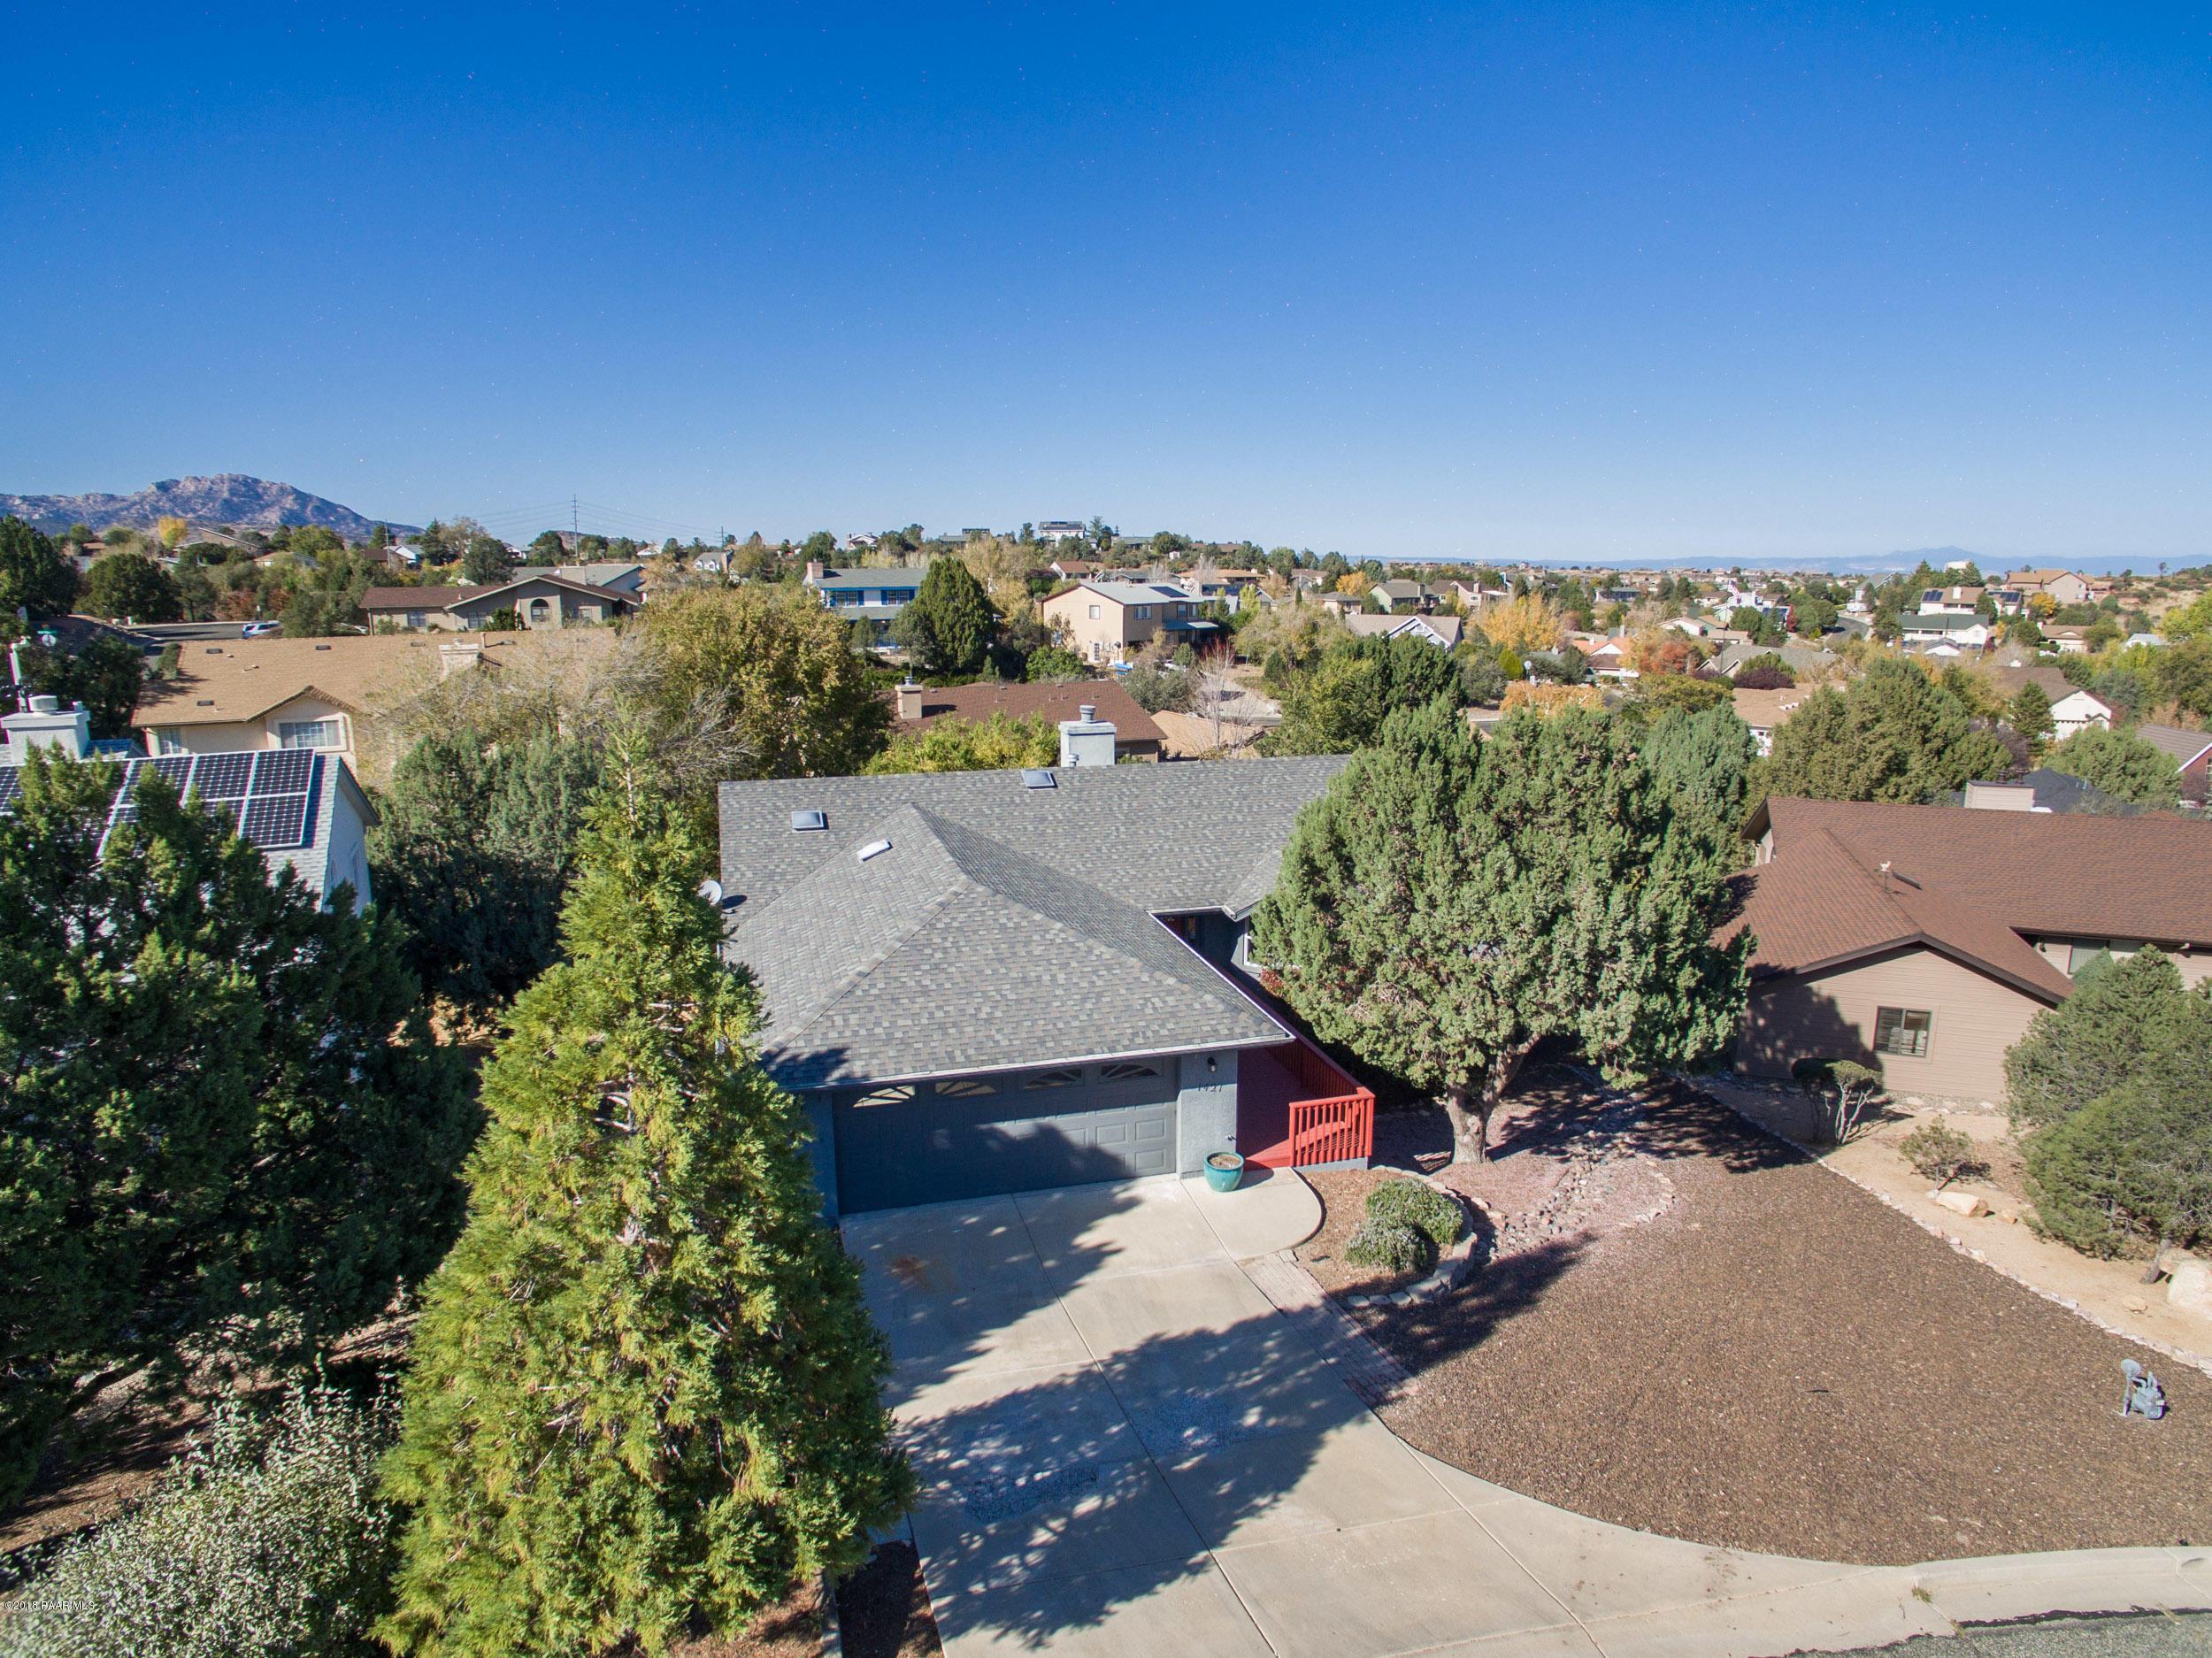 Photo of 1421 Eagle Ridge, Prescott, AZ 86301